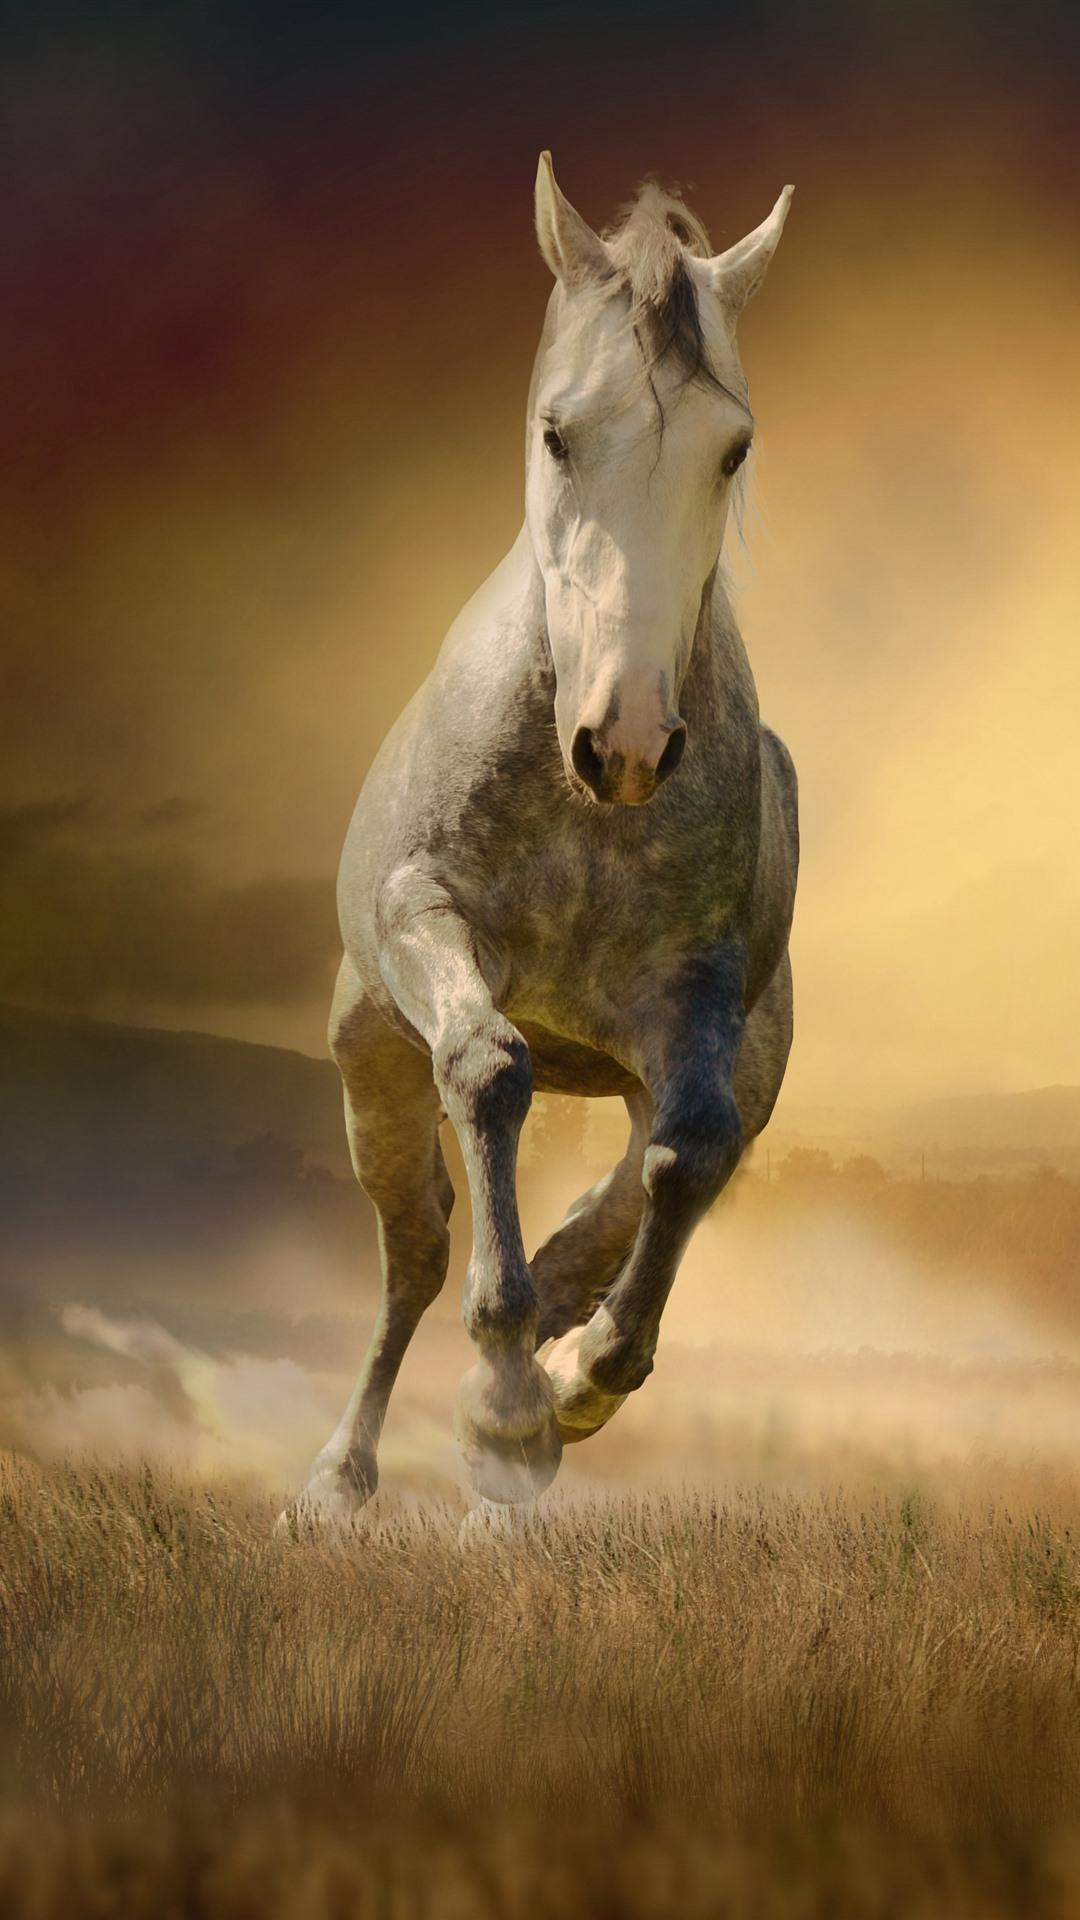 Wallpaper Horse Running Front View Grass Fog Morning